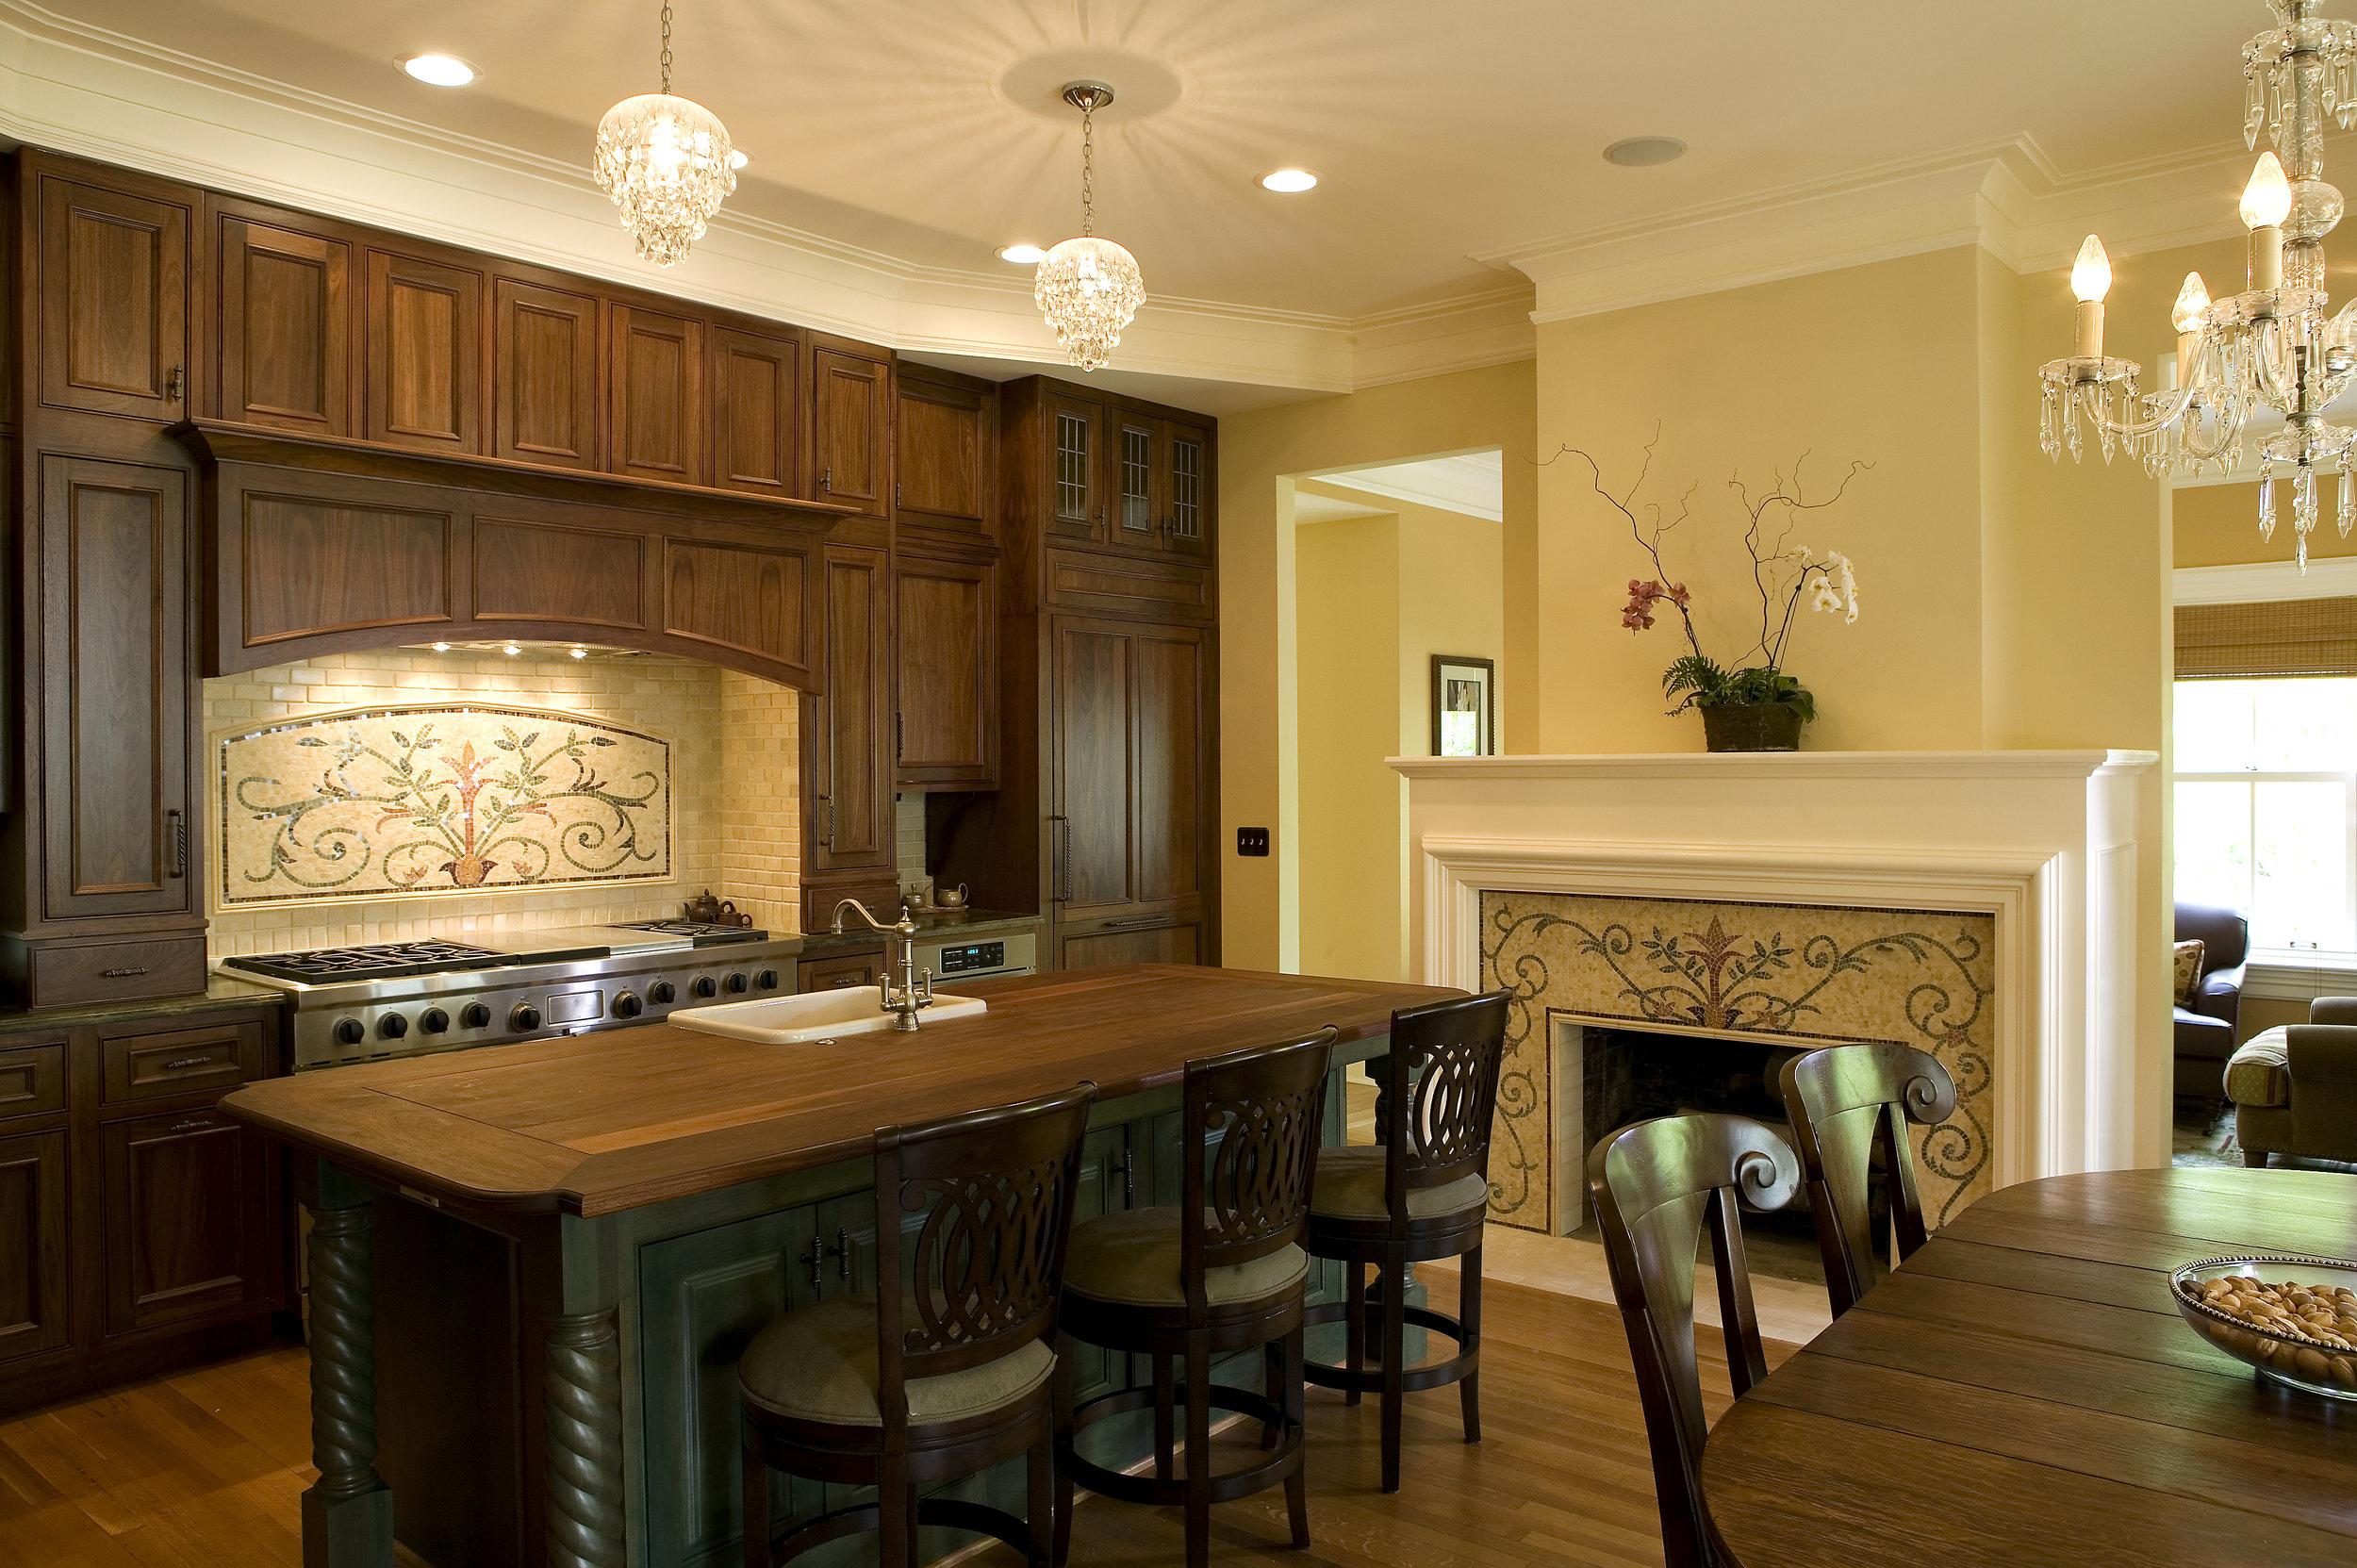 Kitchen staging interior design 1210 GREENWOOD 002.jpg